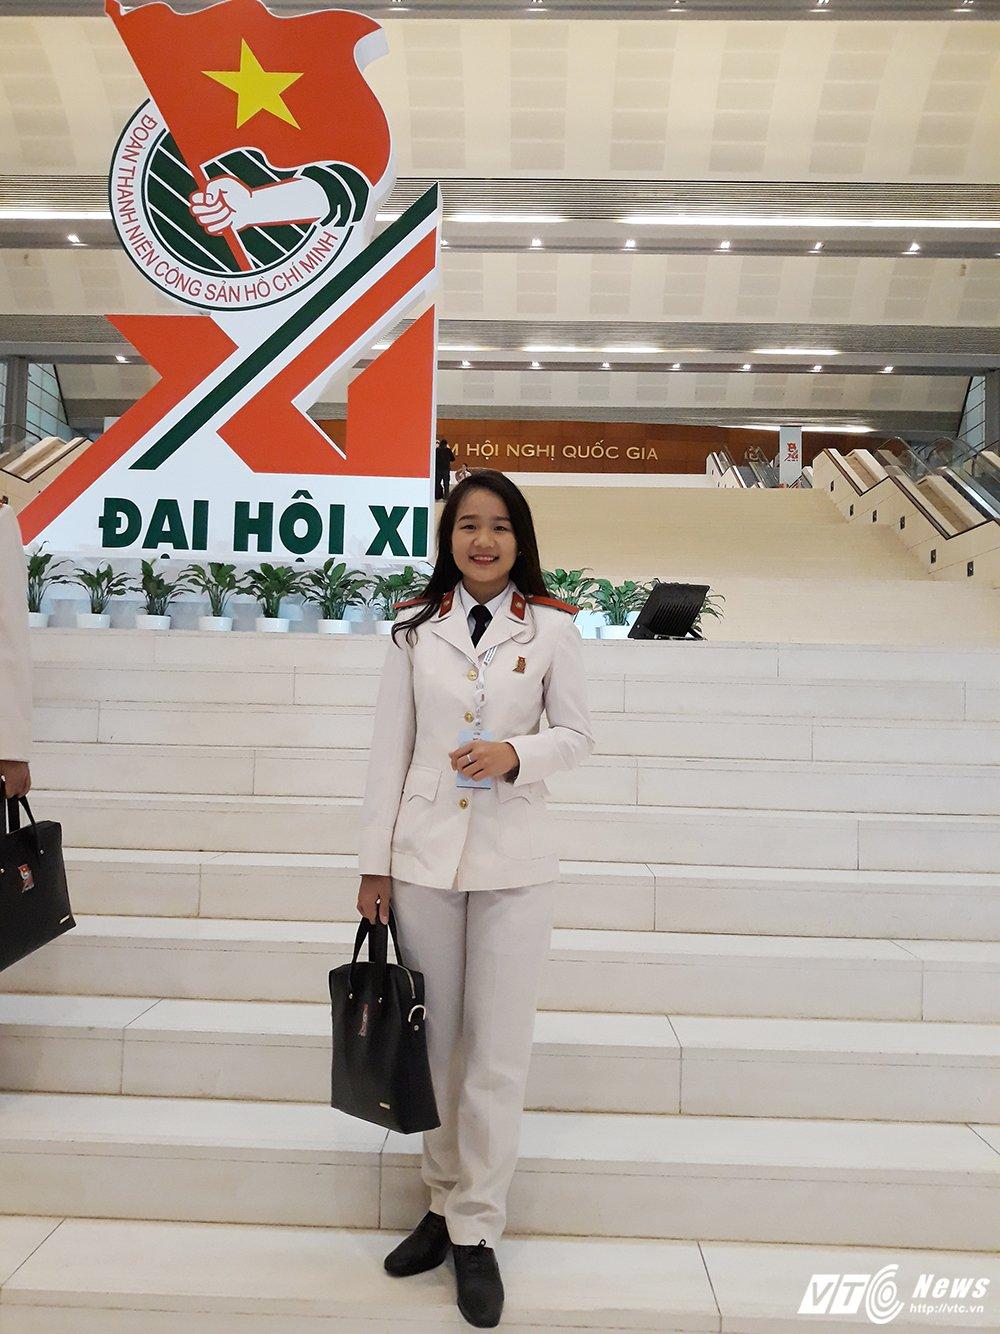 Chan dung nu sinh xinh xan Hoc vien An ninh doc thu gui tuoi tre Viet Nam hinh anh 1